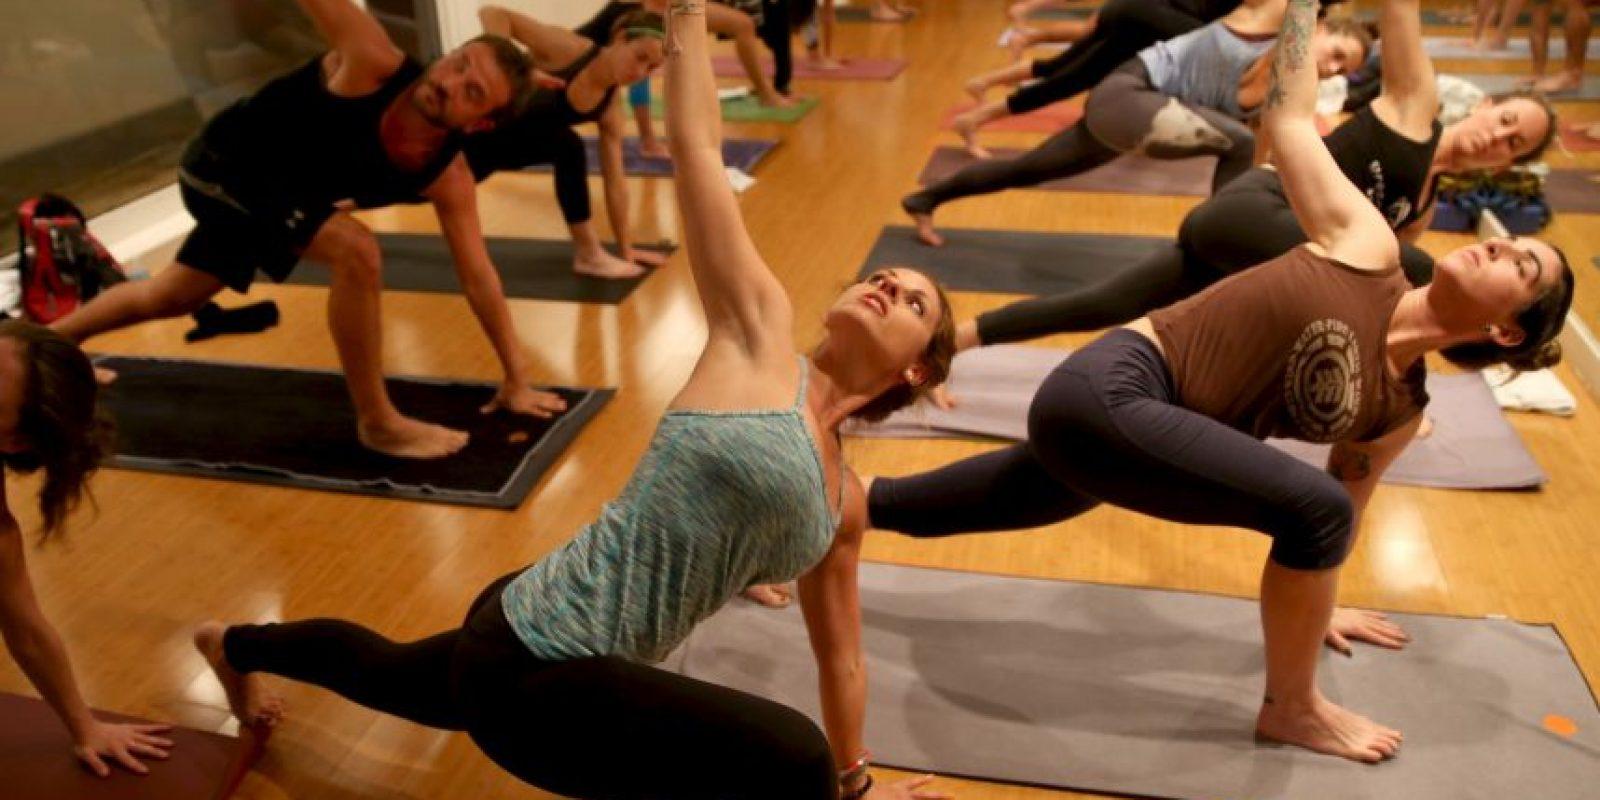 El yoga debe practicarse con un profesional. Foto:Getty Images